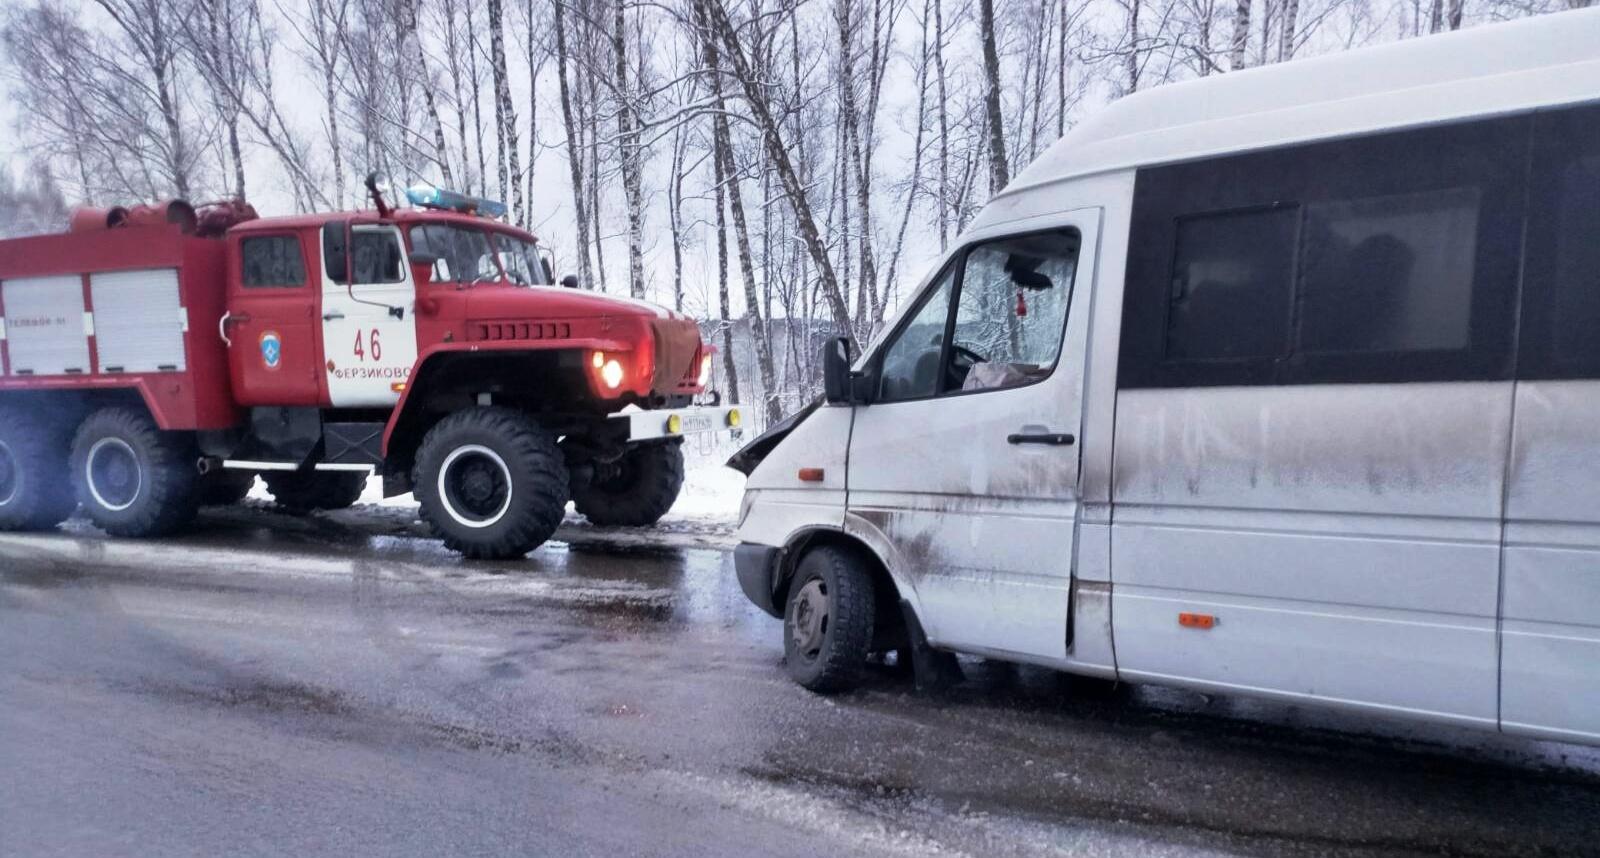 Лада врезалась в маршрутку на дороге Калуга - Таруса